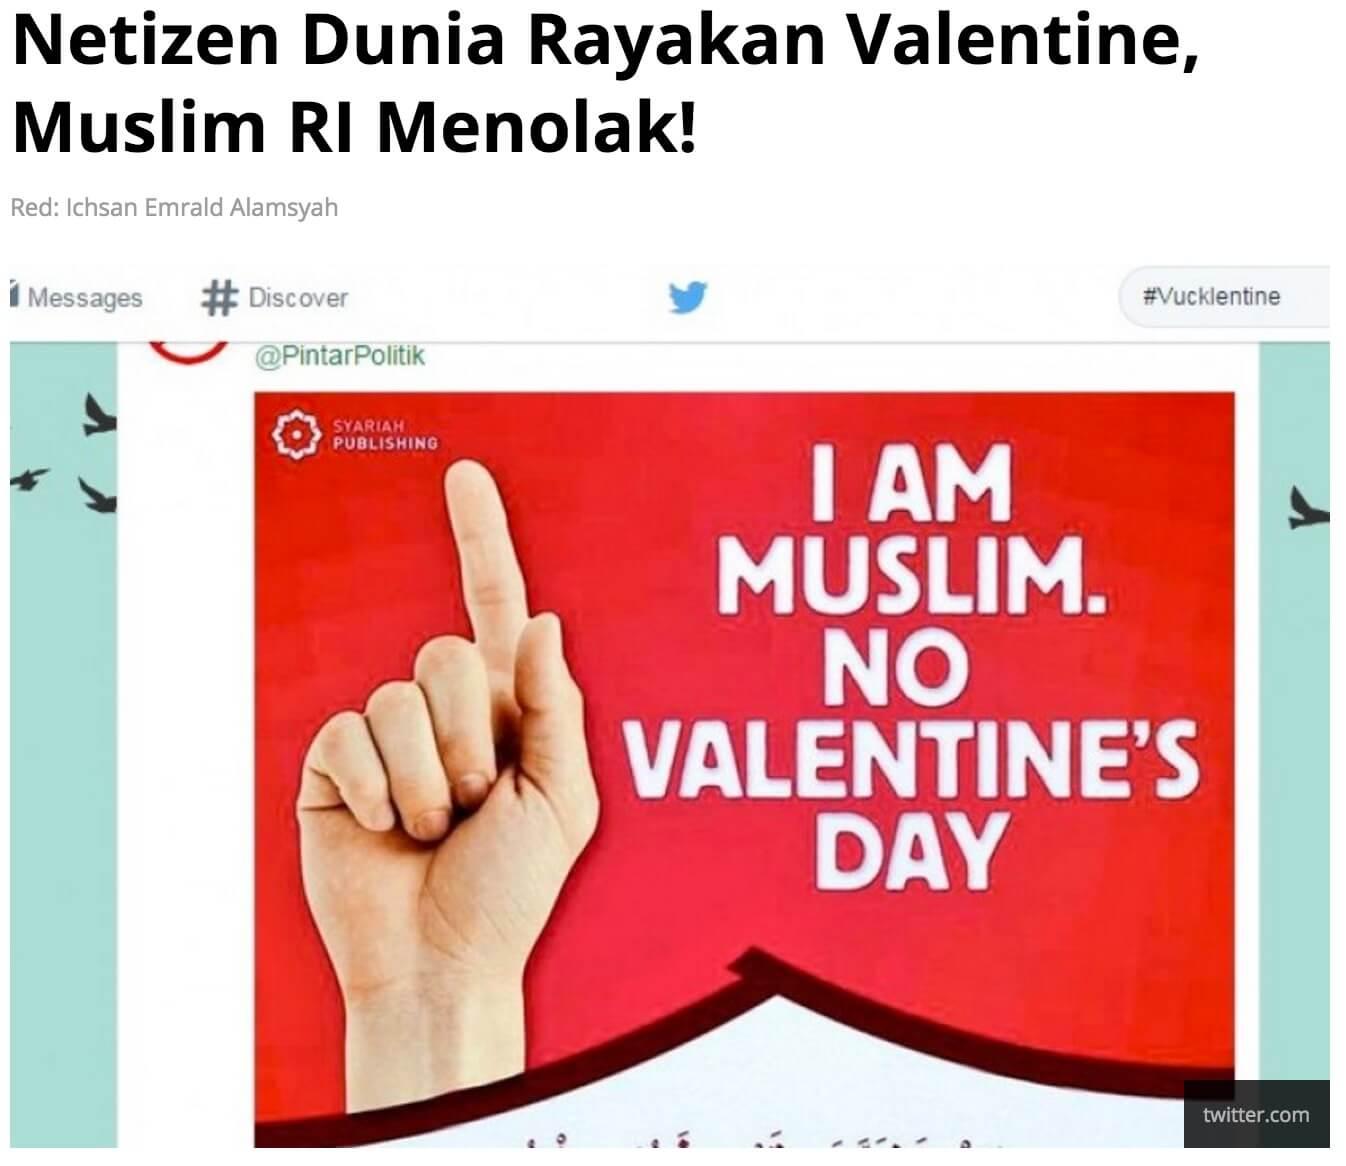 インドネシアのバレンタイン 禁止 ネティズンの反応 Republika Online